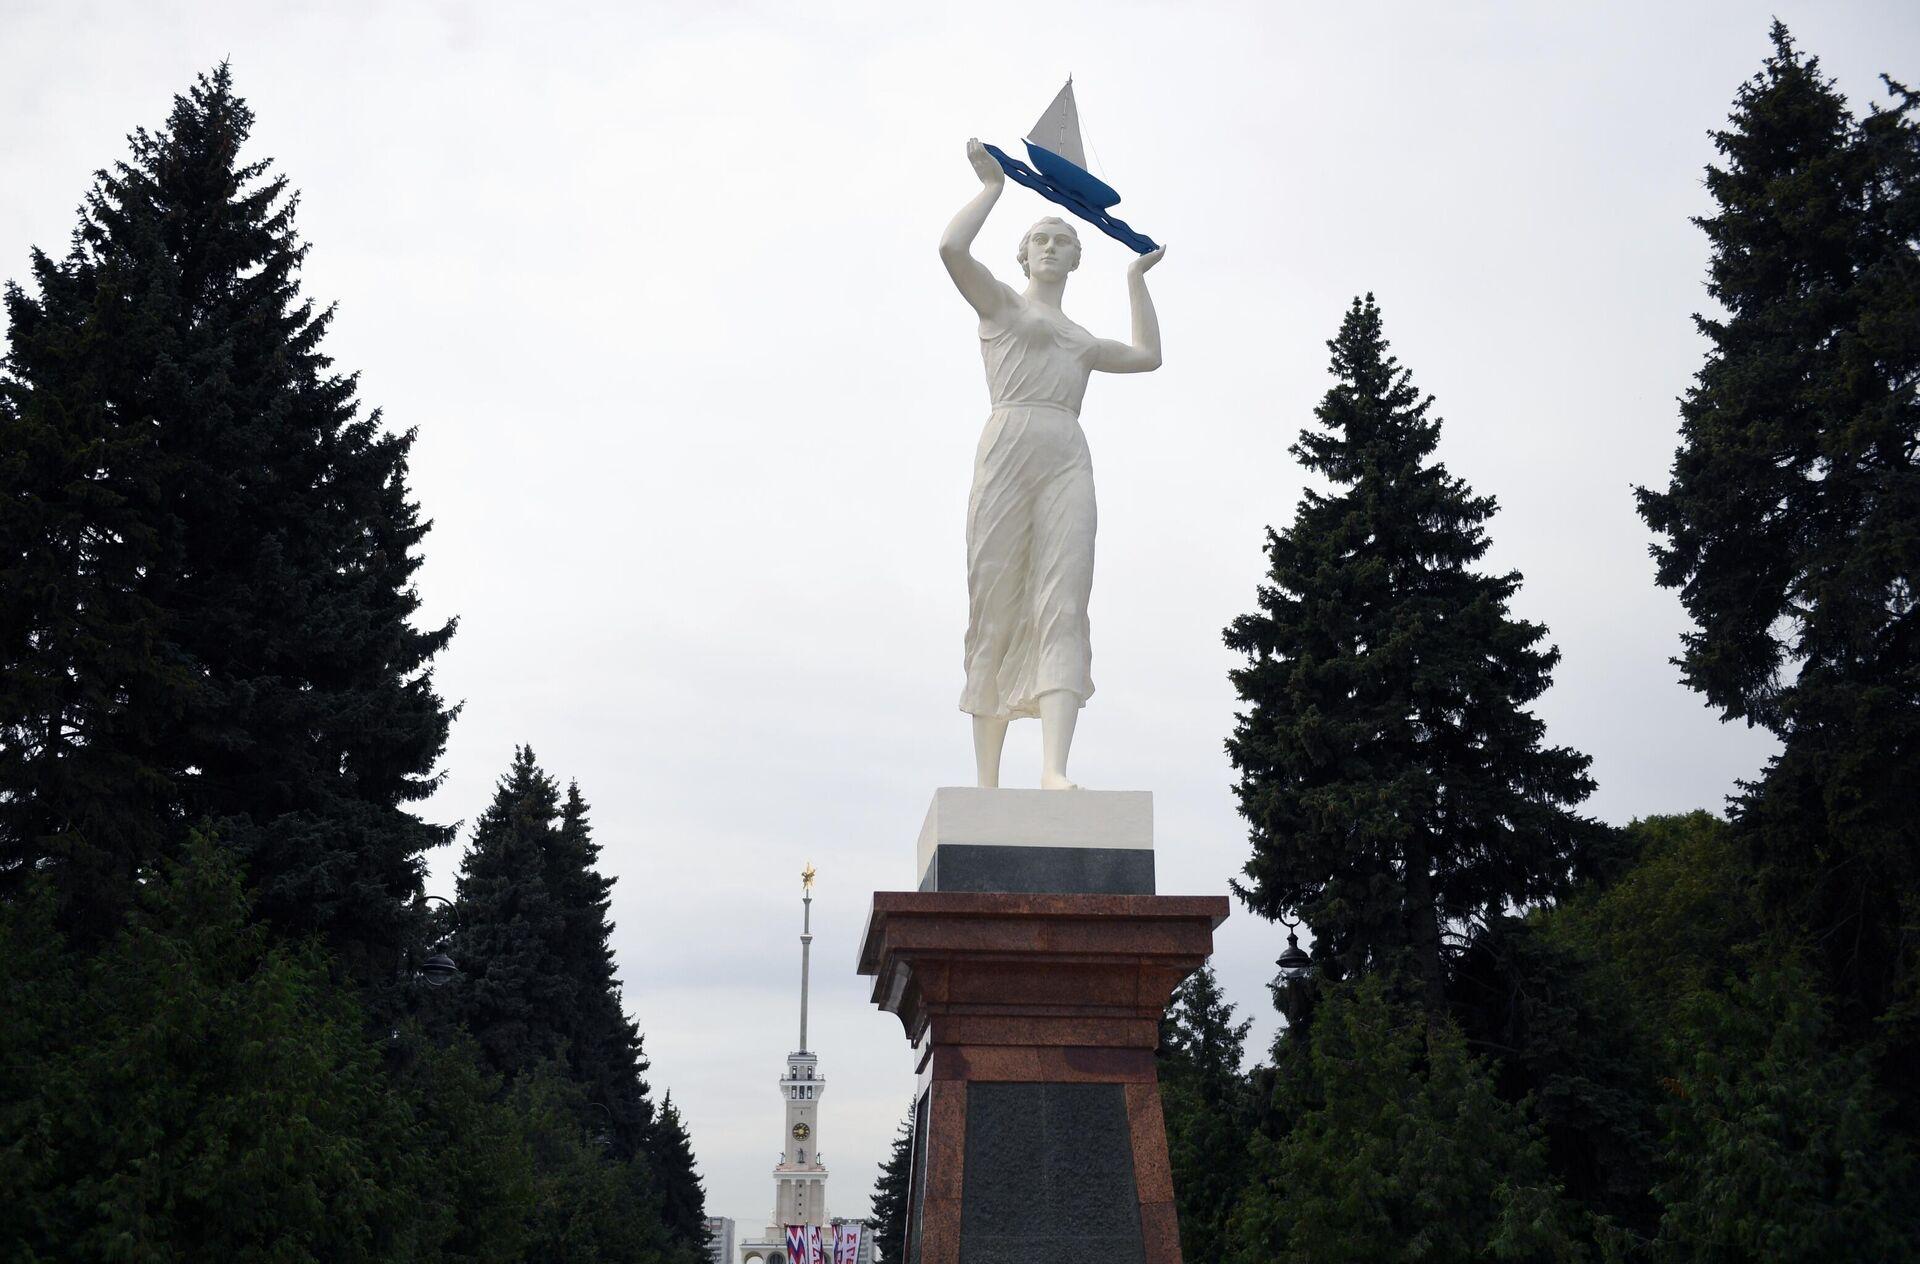 Скульптура Водный путь после реставрации - РИА Новости, 1920, 14.10.2020